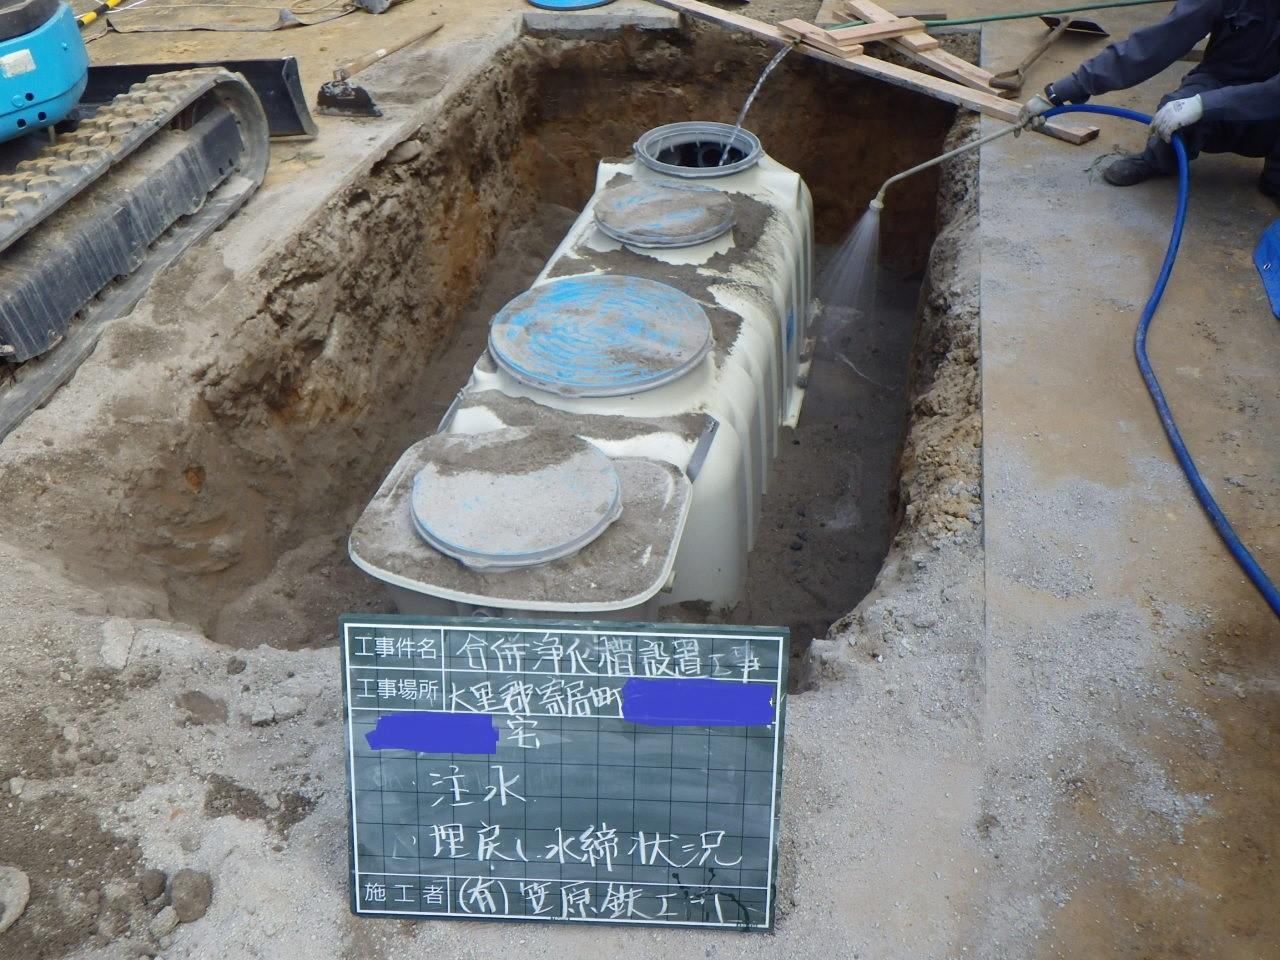 浄化槽工事注水